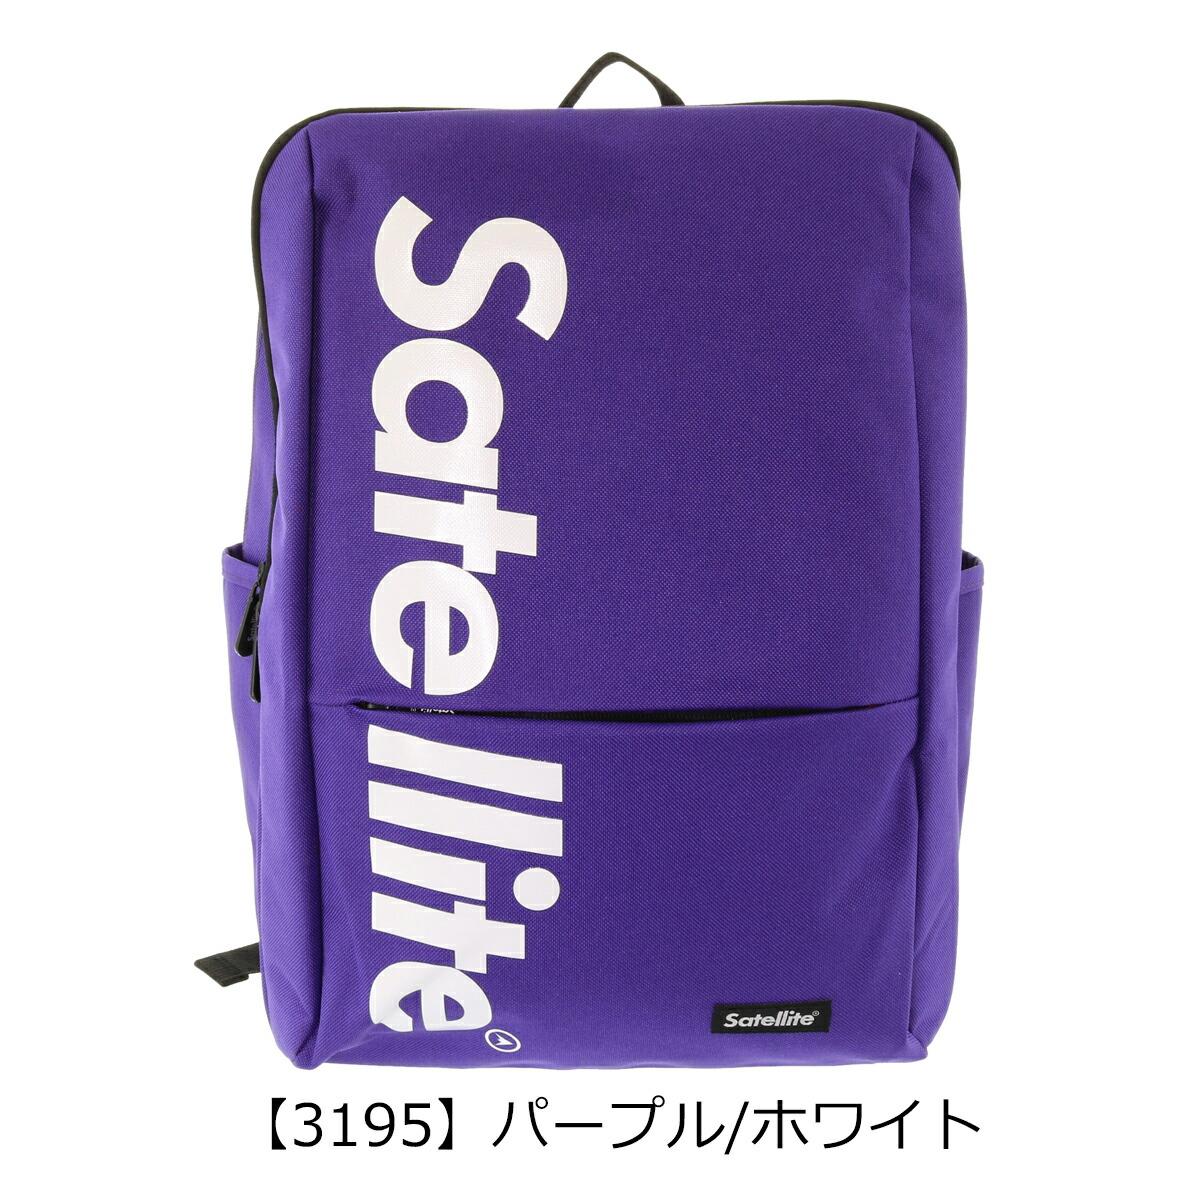 【3195】パープル/ホワイト